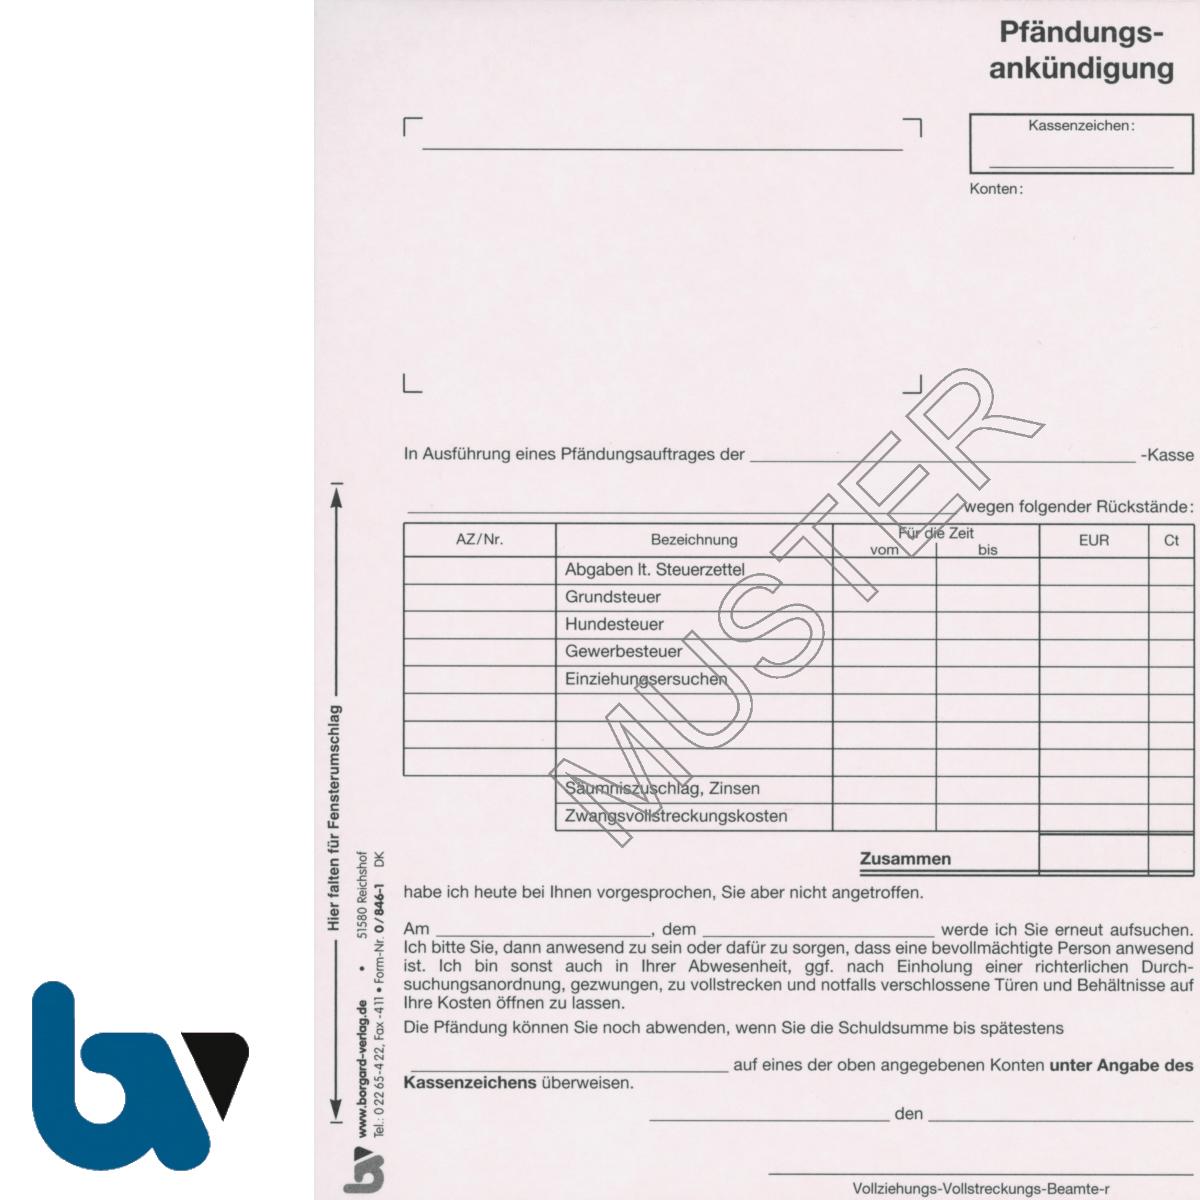 0/846-1 Pfändungsankündigung Auftrag Einschlagdeckel Durchschreibeschutz Schreibschutzdecke perforiert 2-fach selbstdurchschreibend DIN A5 | Borgard Verlag GmbH